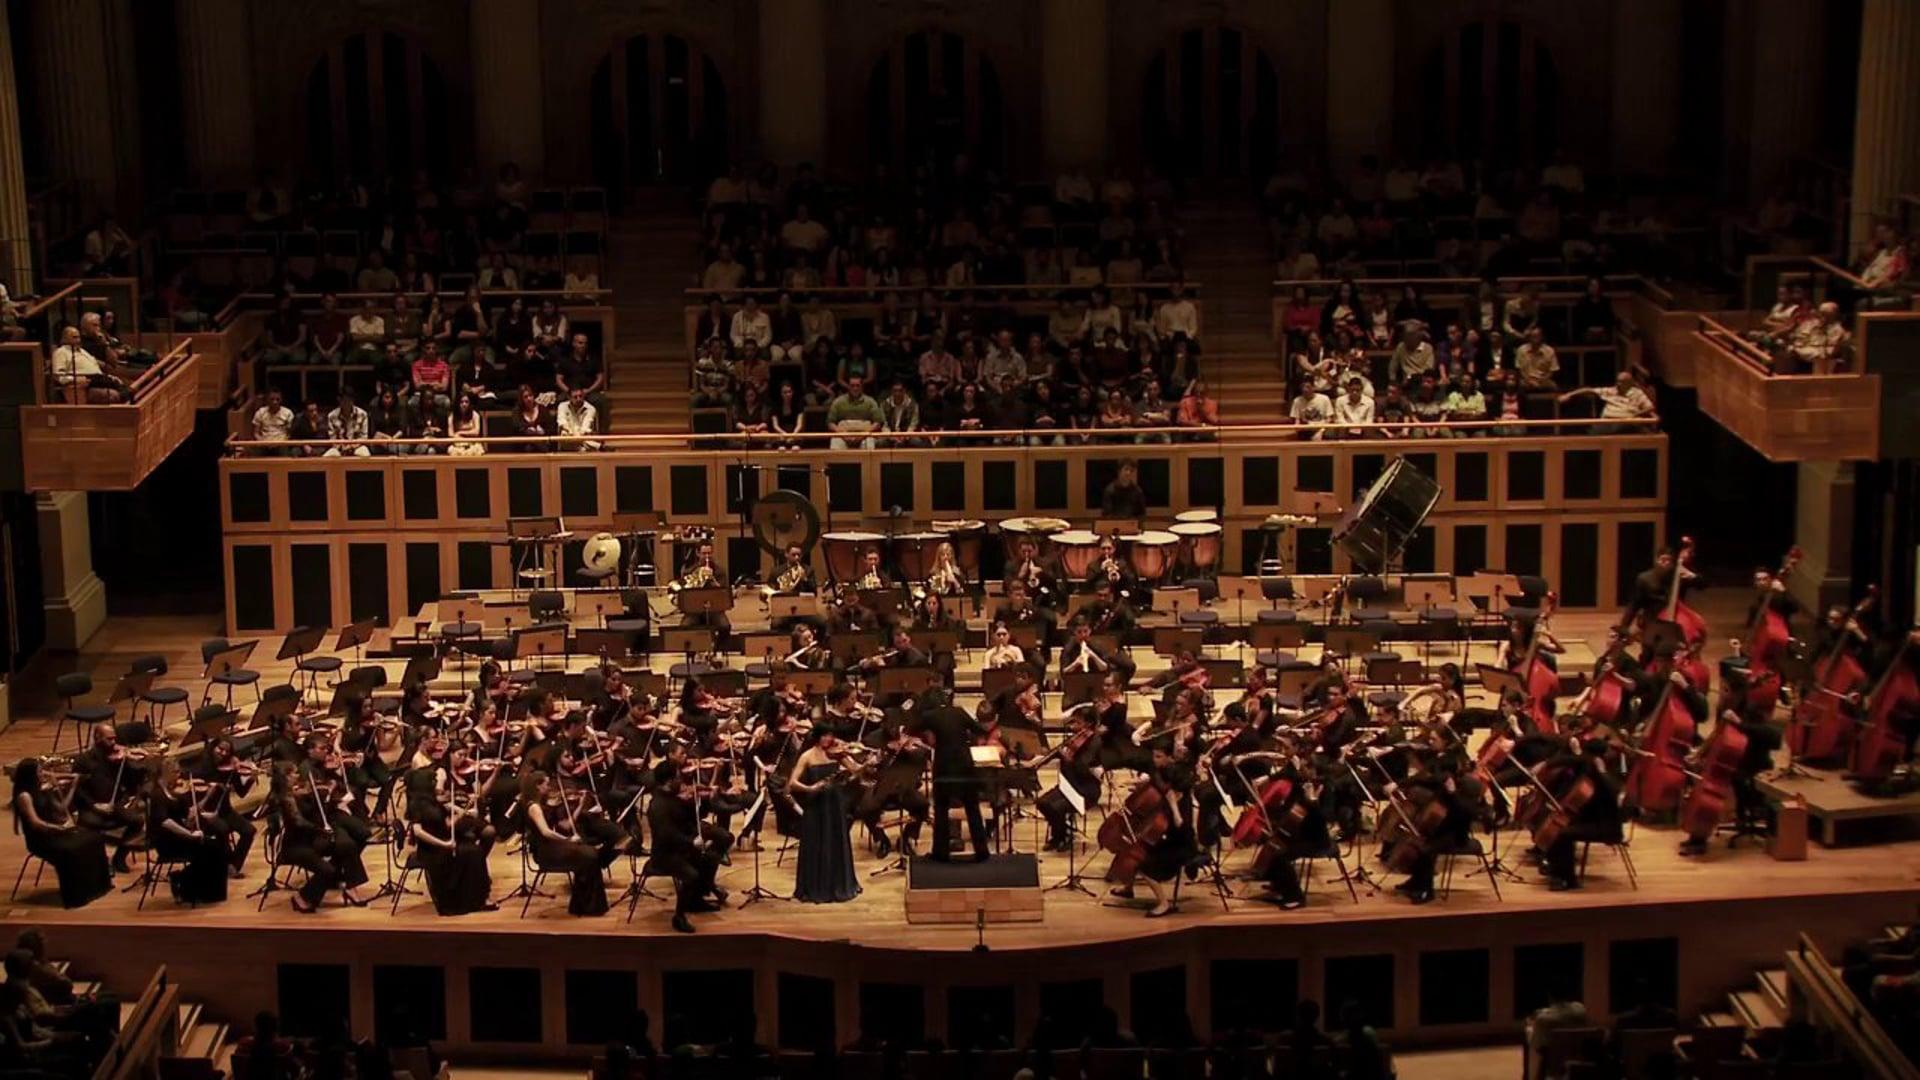 44º Festival de Inverno de Campos do Jordão   Concerto de Encerramento da Orquestra do Festival